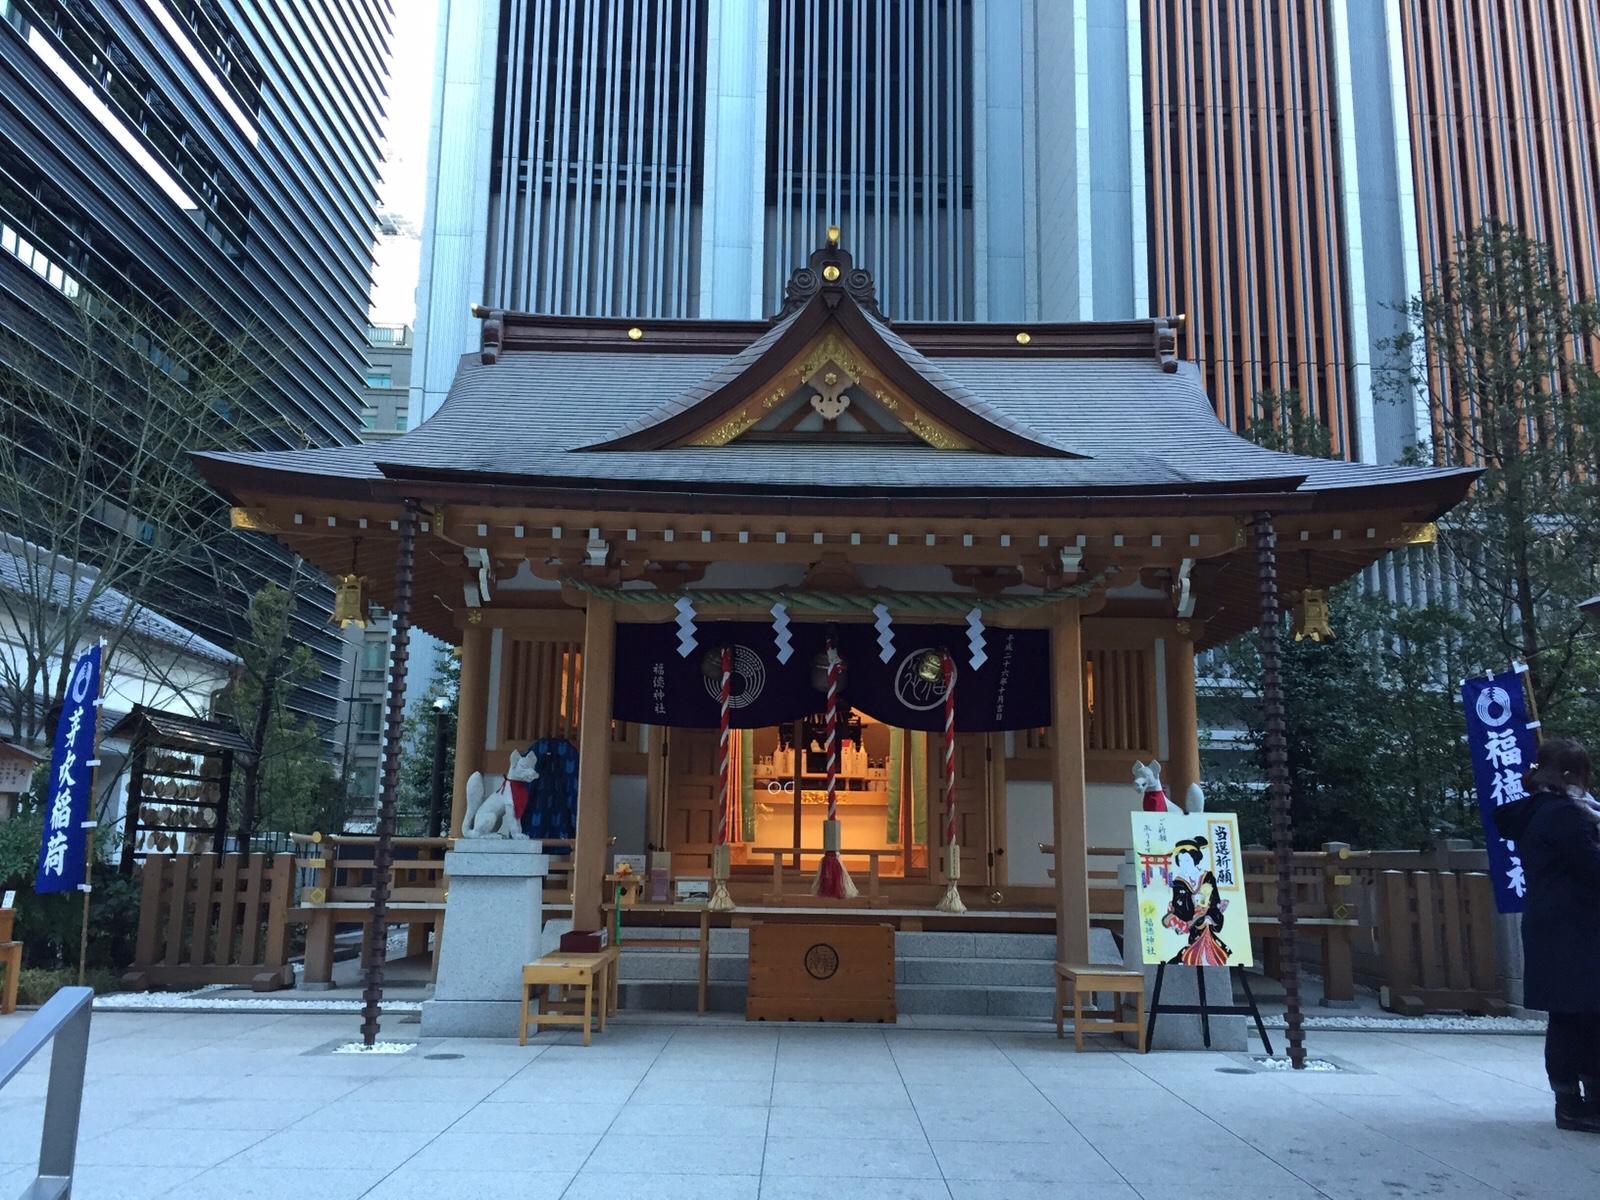 東京福めぐりフィナーレ!ビルの谷間で神様に出会う?福徳神社